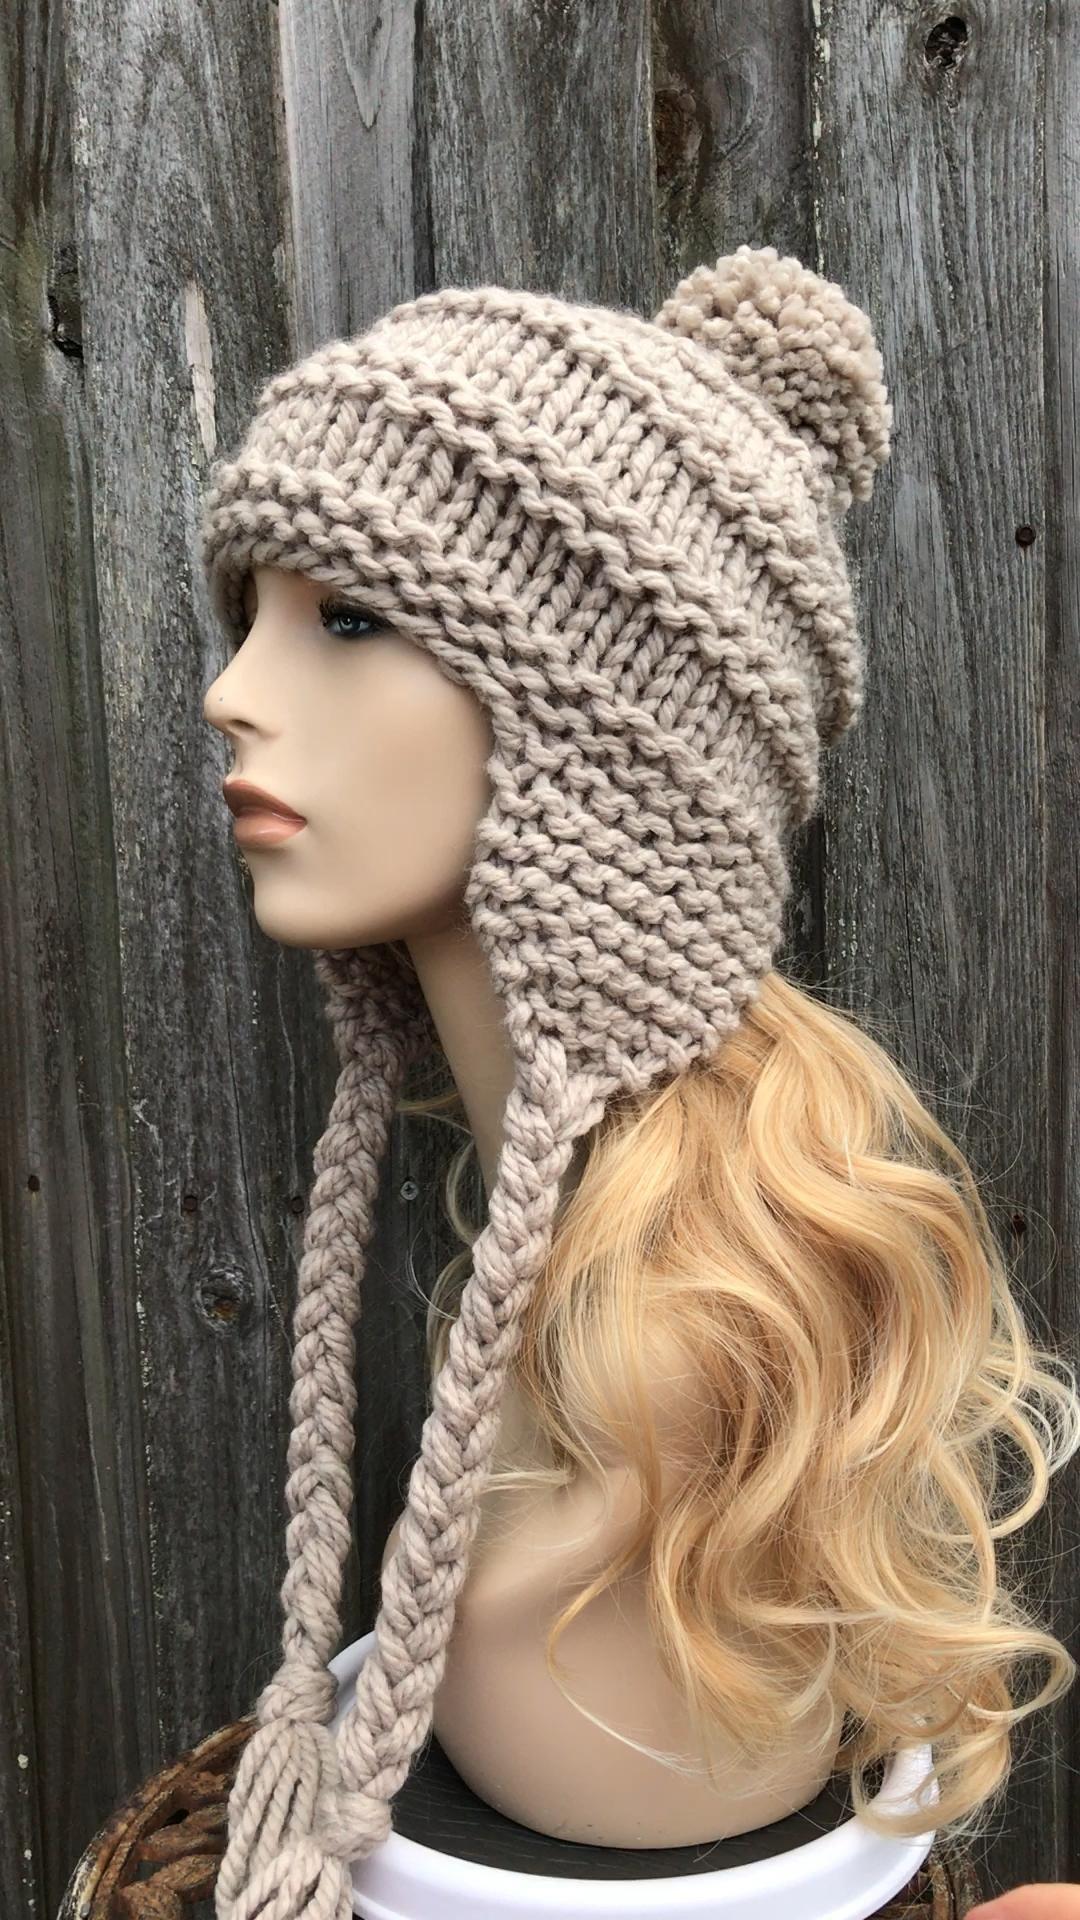 Chunky Knit Hat with Pom Pom in Greige